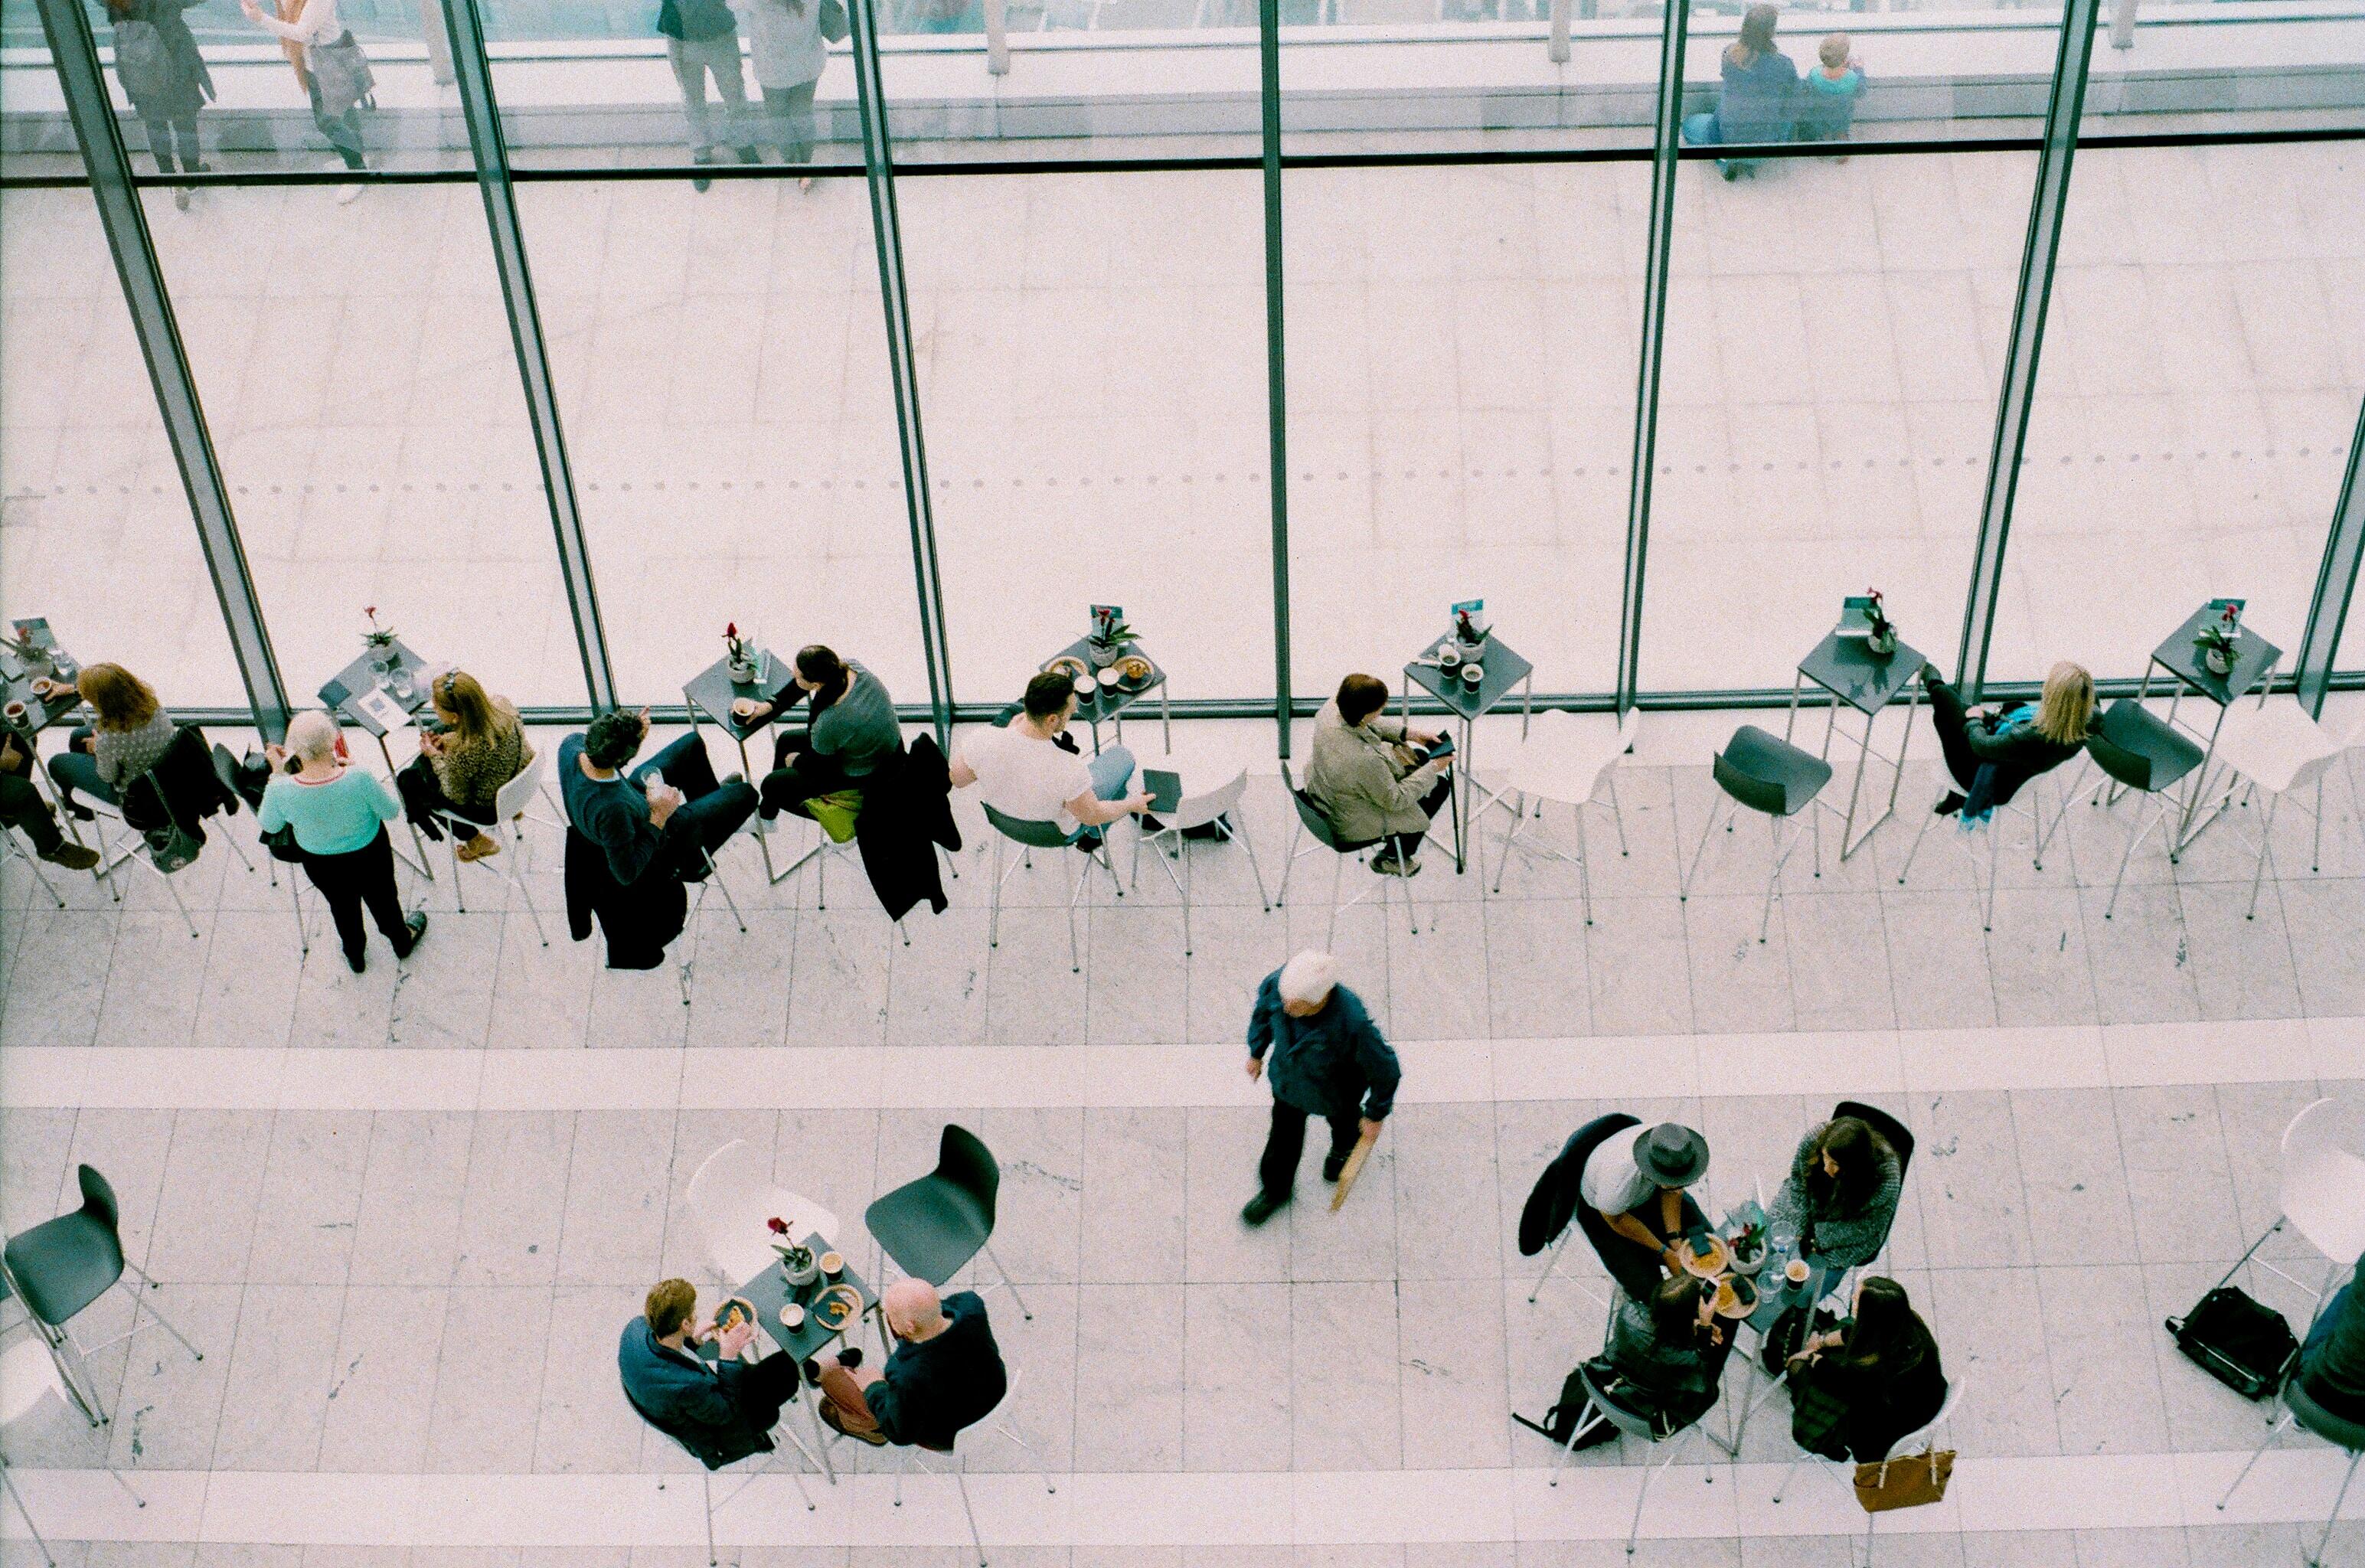 Lunes de intangibles: La influencia de la RSE en la gestión de personas - buenas prácticas